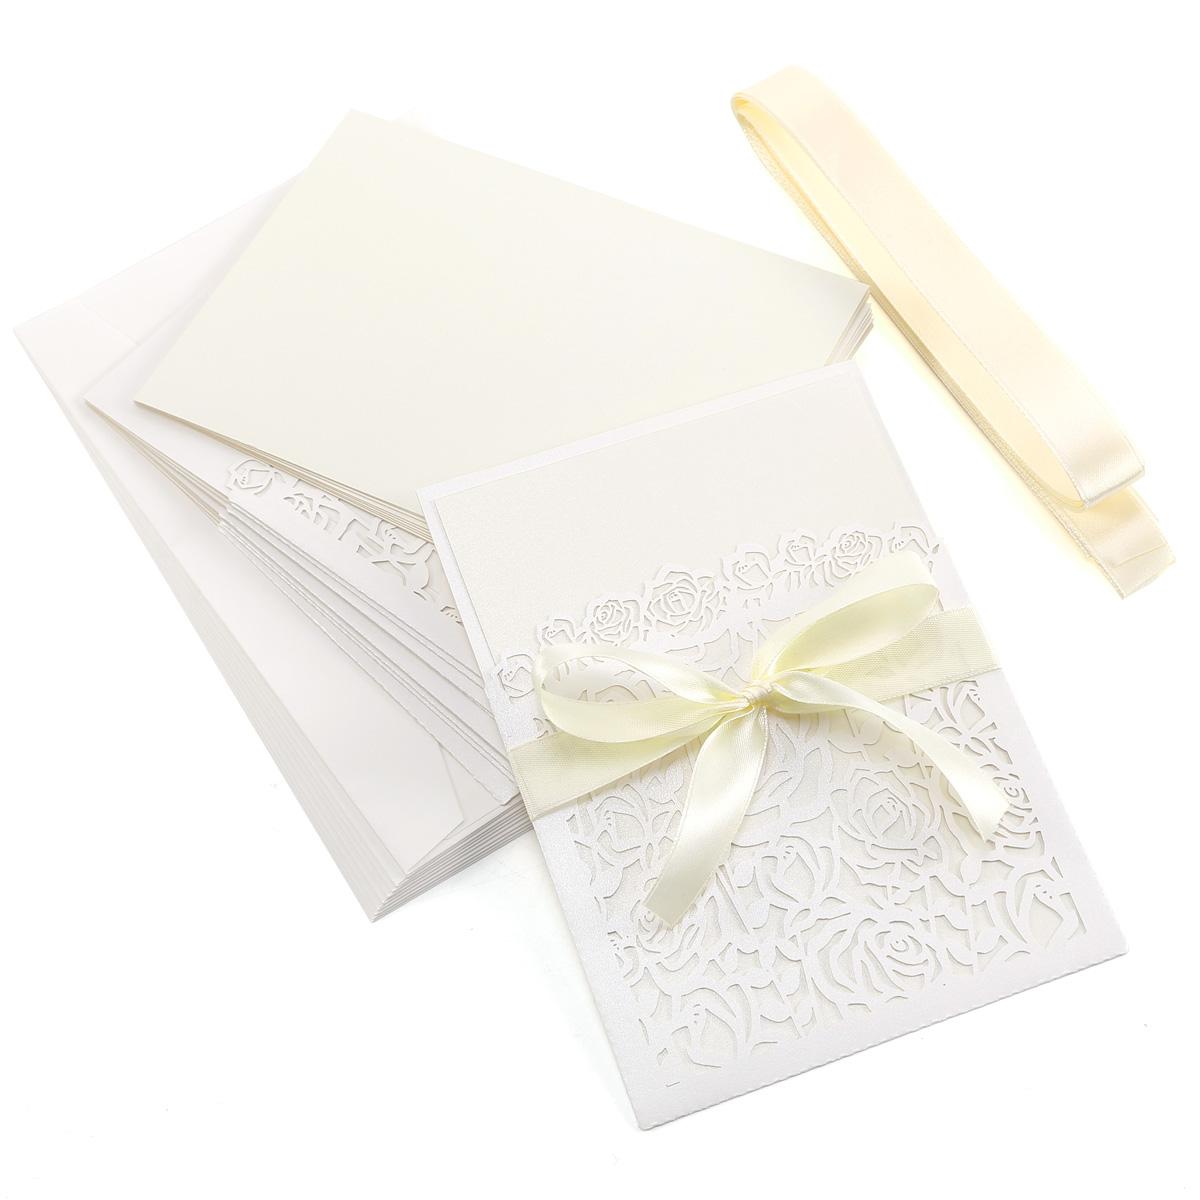 Matrimonio Regalo In Busta : Pz inviti partecipazioni busta carta vuota vintage